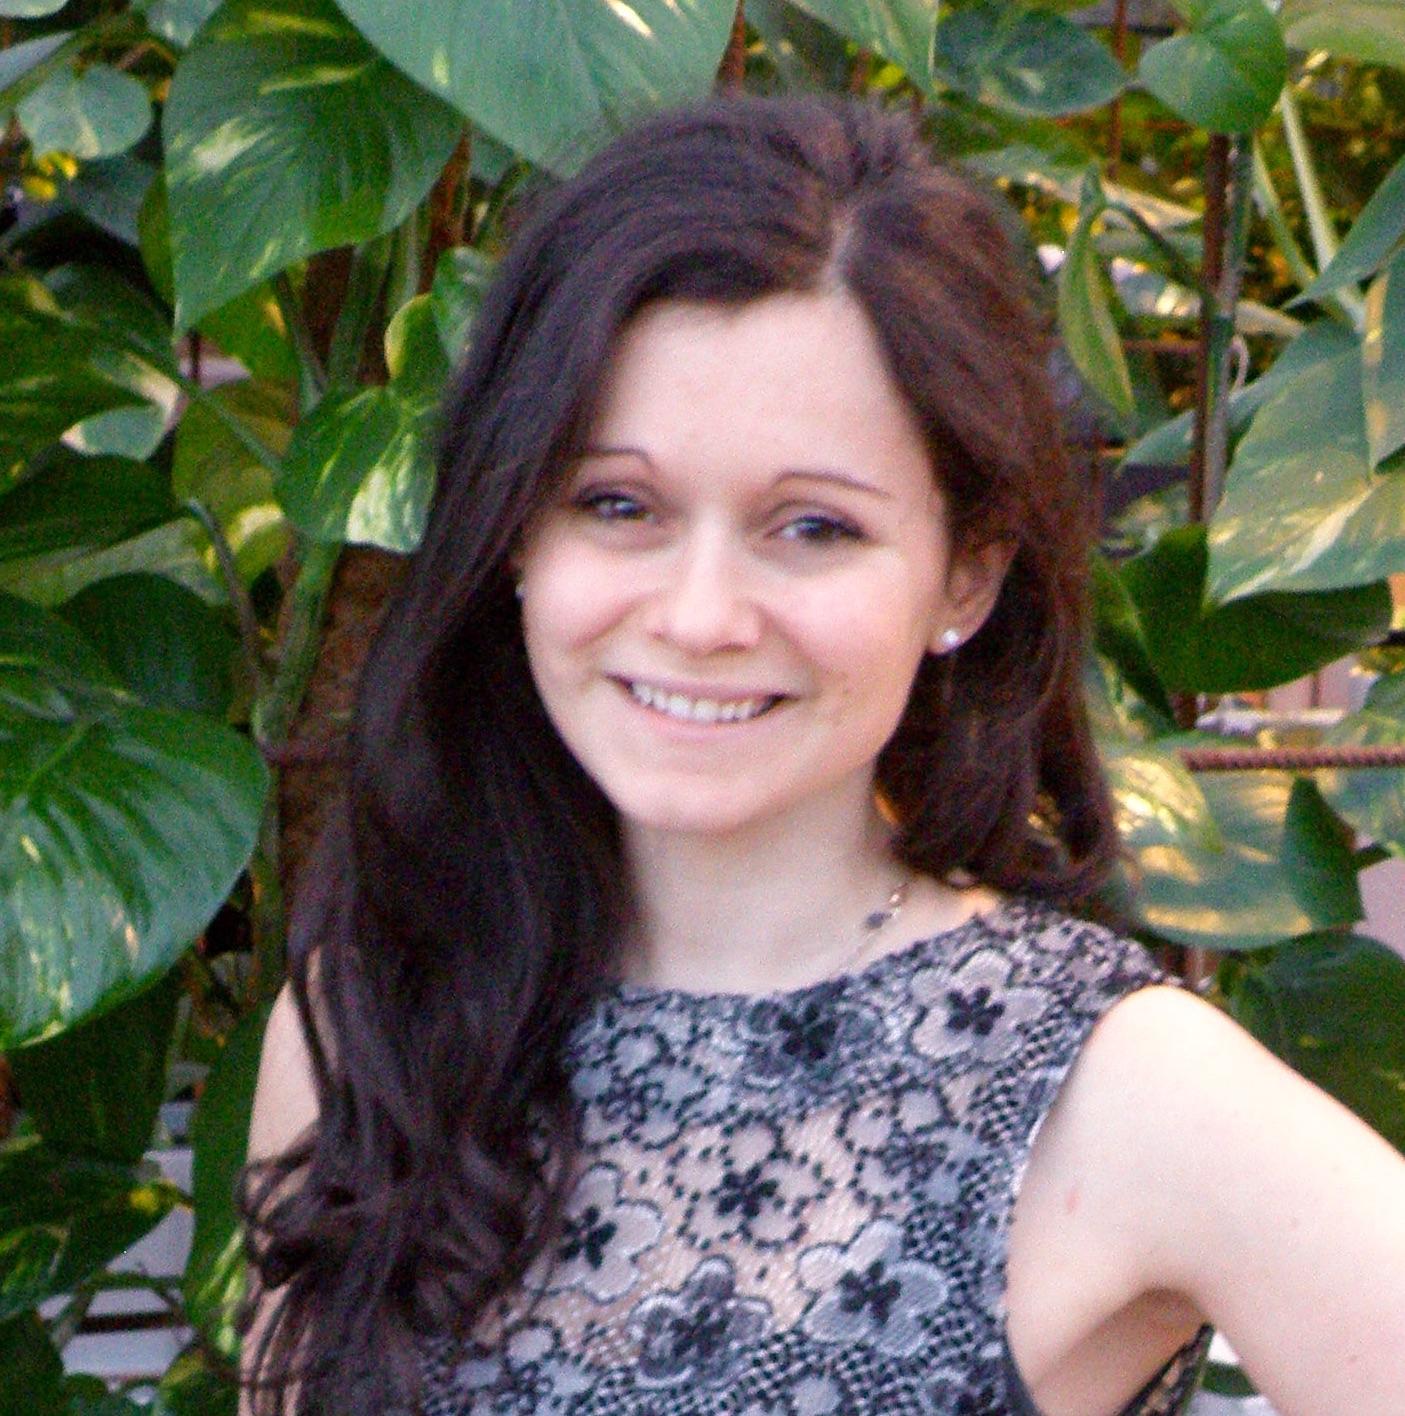 Clare, Marketing Director for faithtable